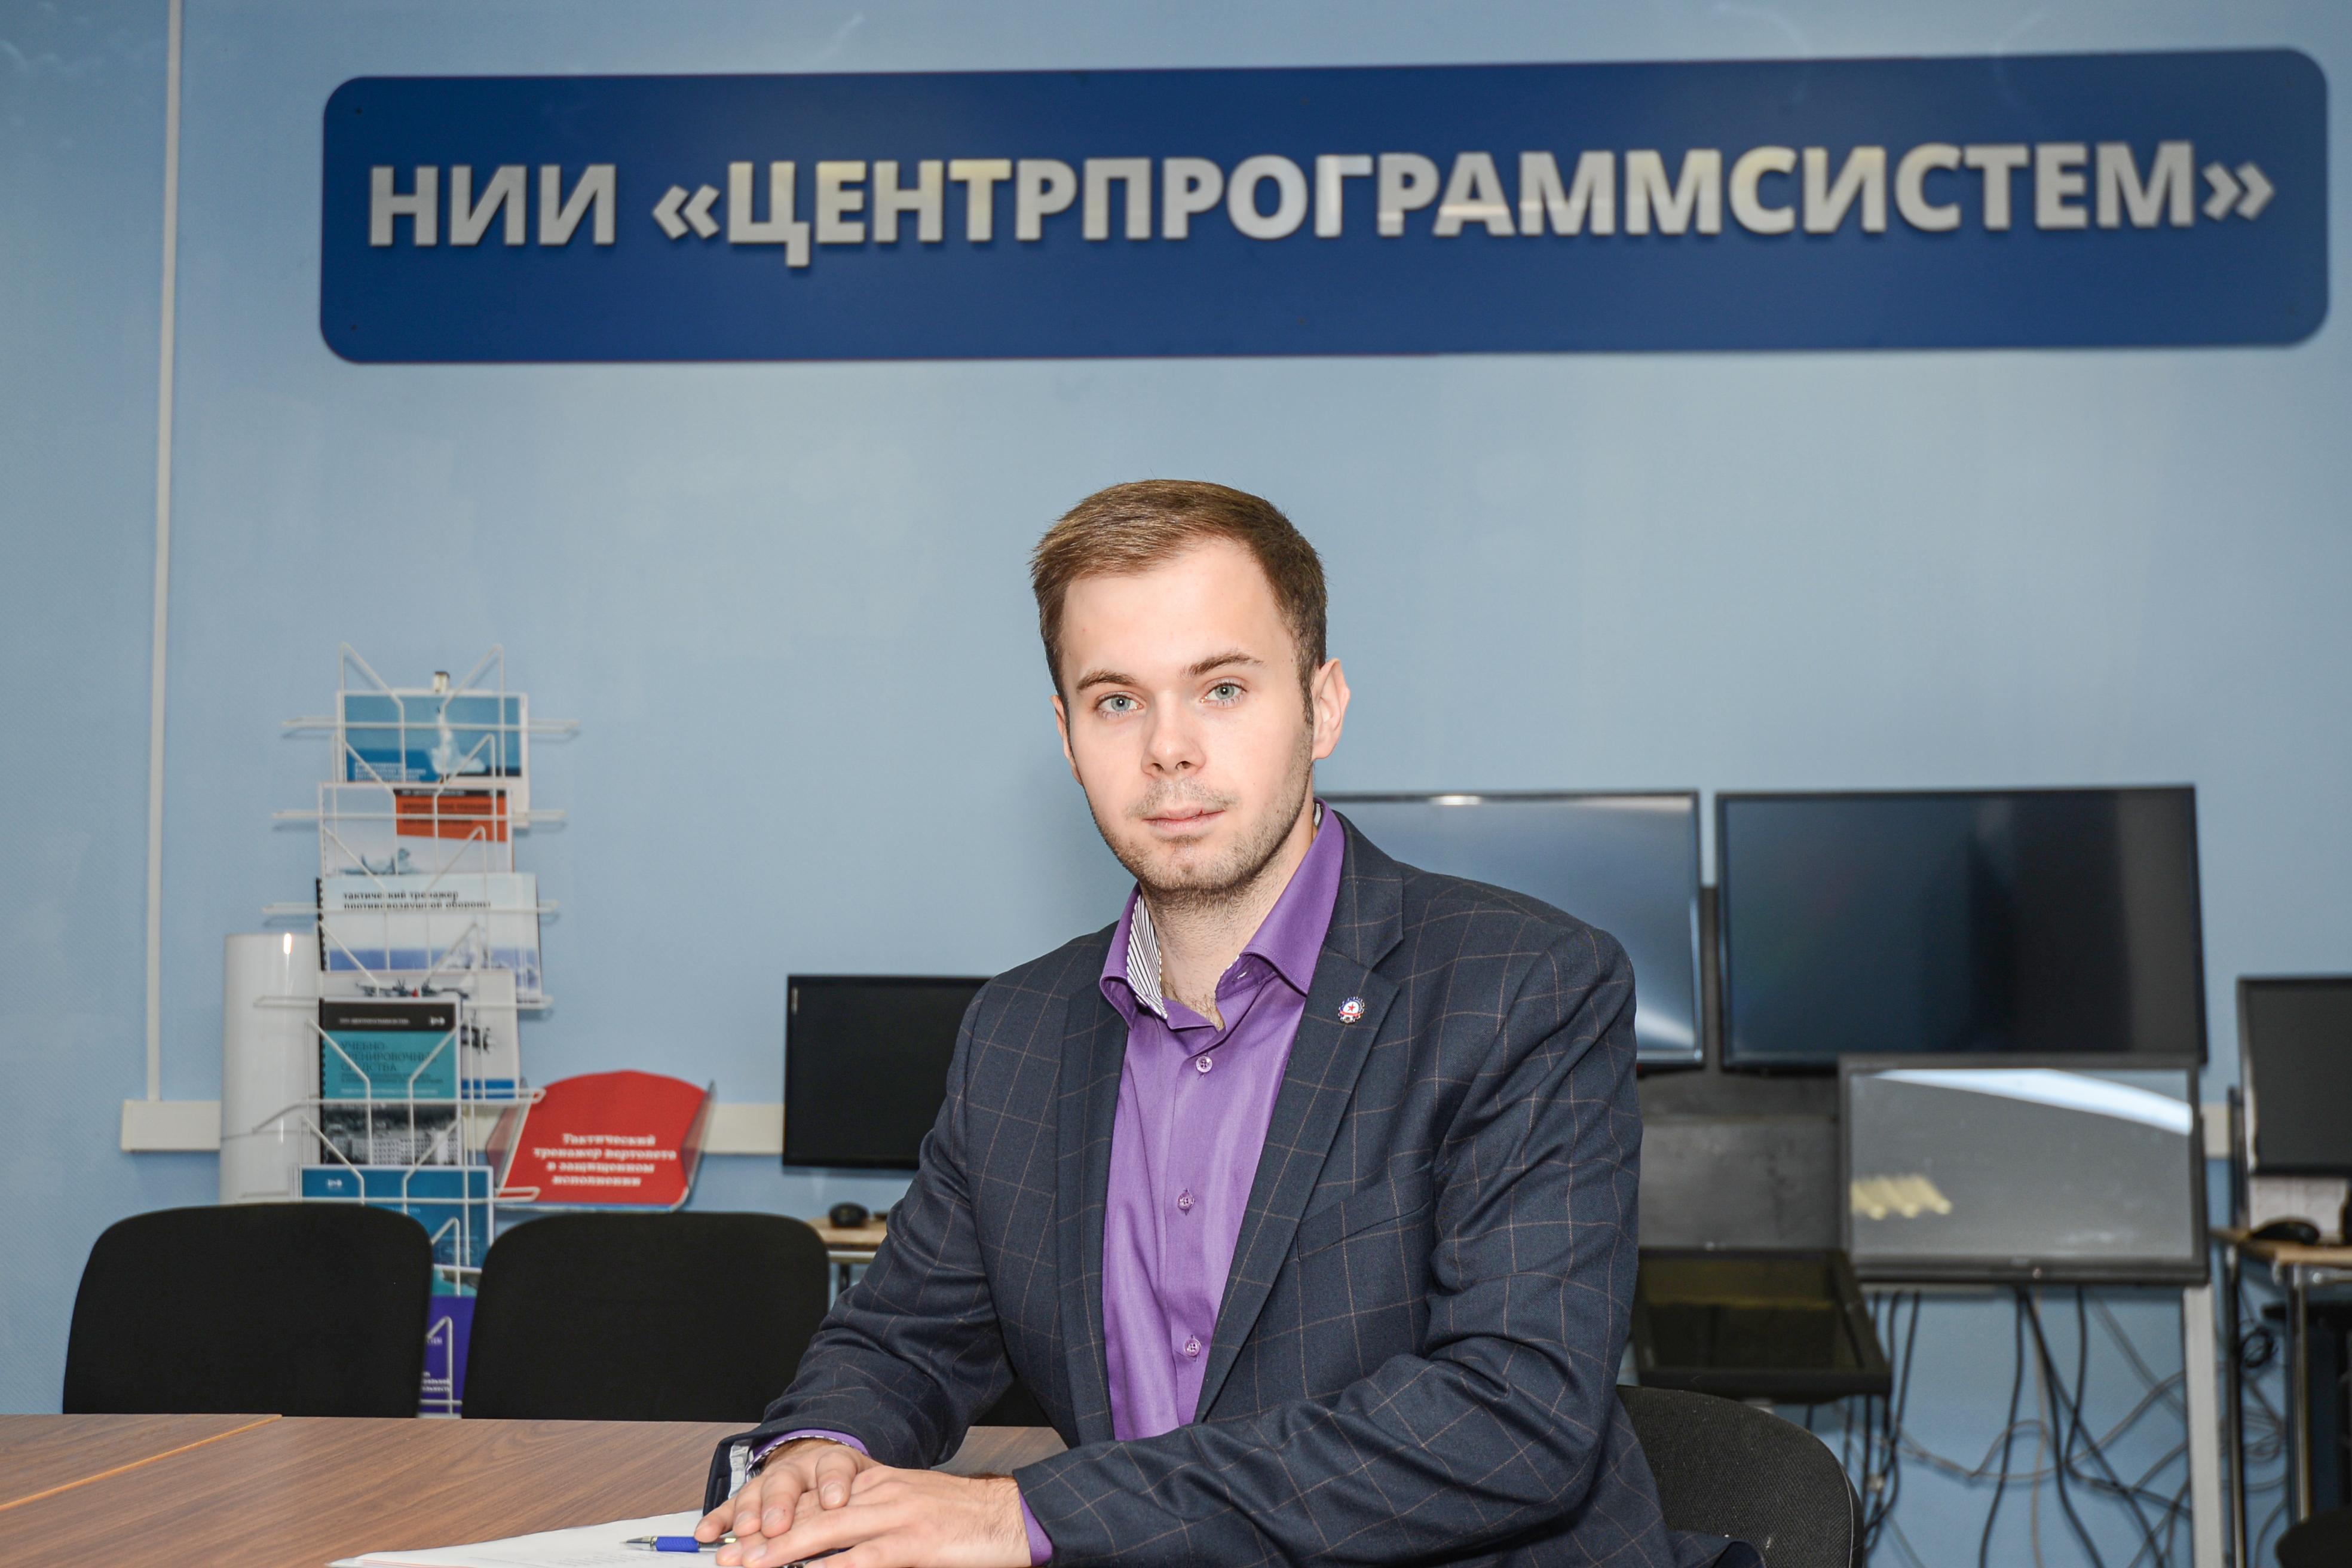 Александр Канивец: Губернатор ответил на все вопросы, которые меня интересовали